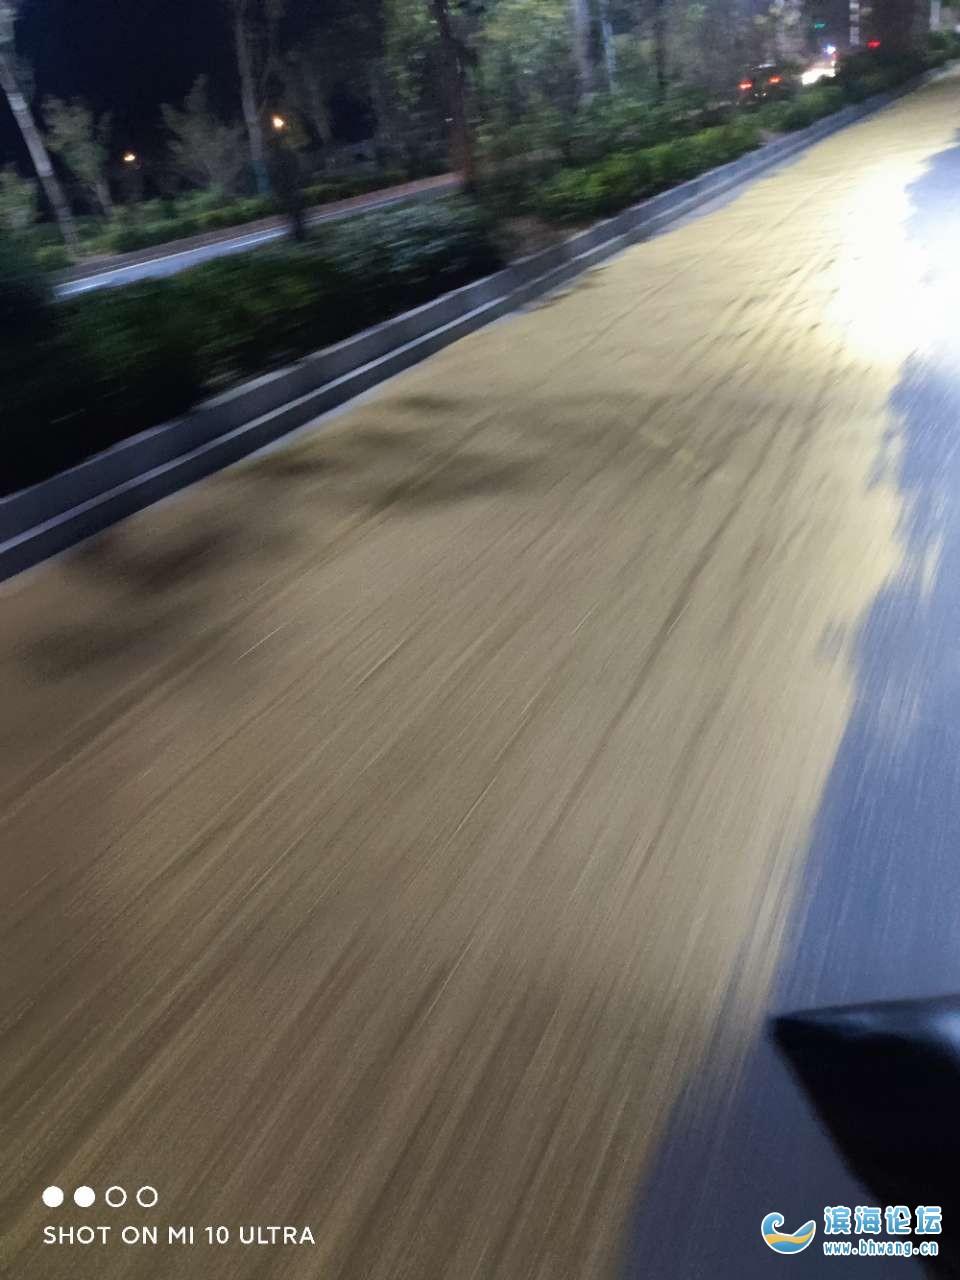 怎么看,稻谷放馬路上曬對還是錯了